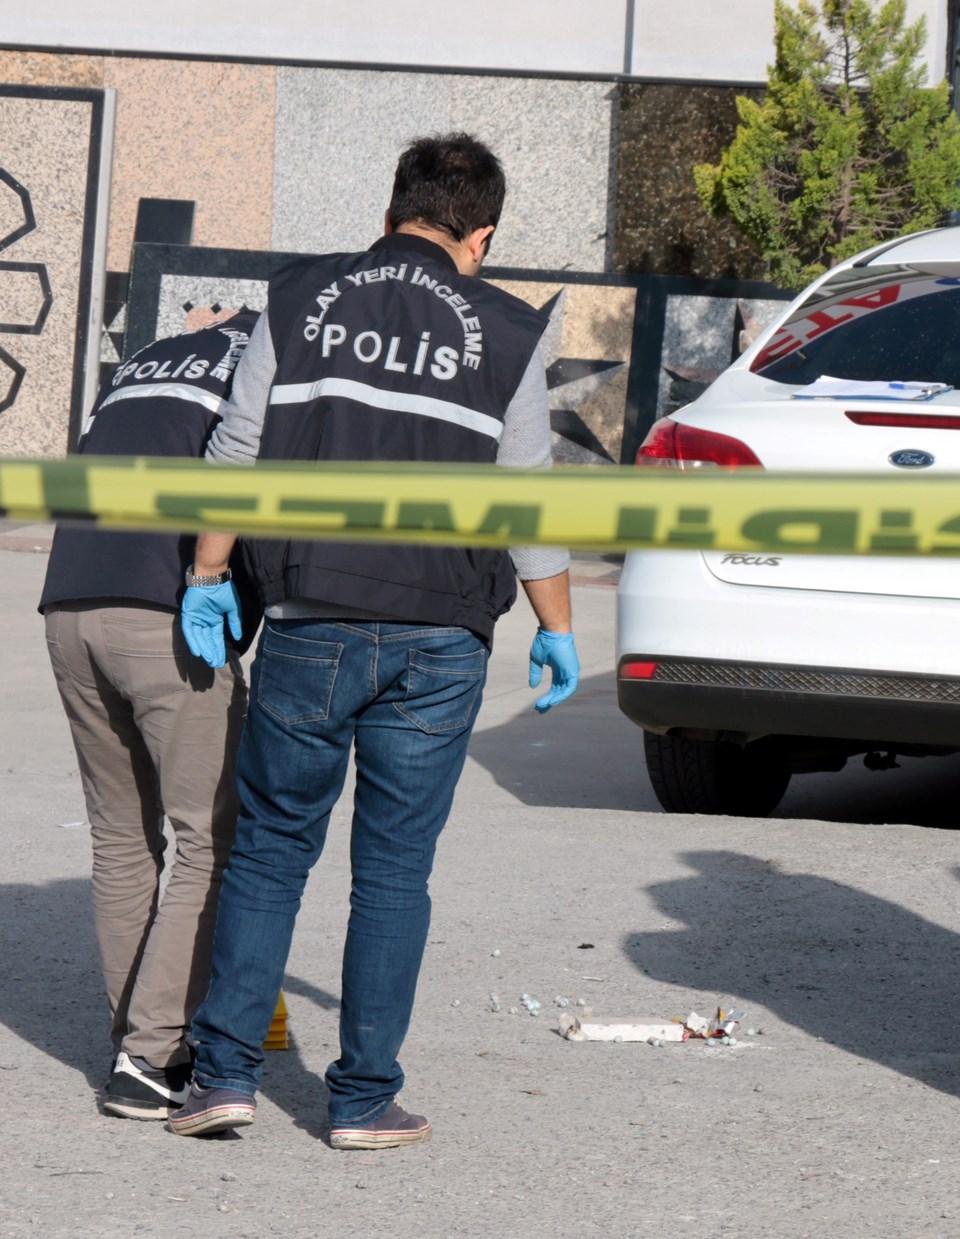 Yalova'da emekli albay dehşet saçtı! Gürültü yüzünden tartıştığı komşusunu öldürdü, biri bekçi iki kişiyi yaralayıp intihar etti!